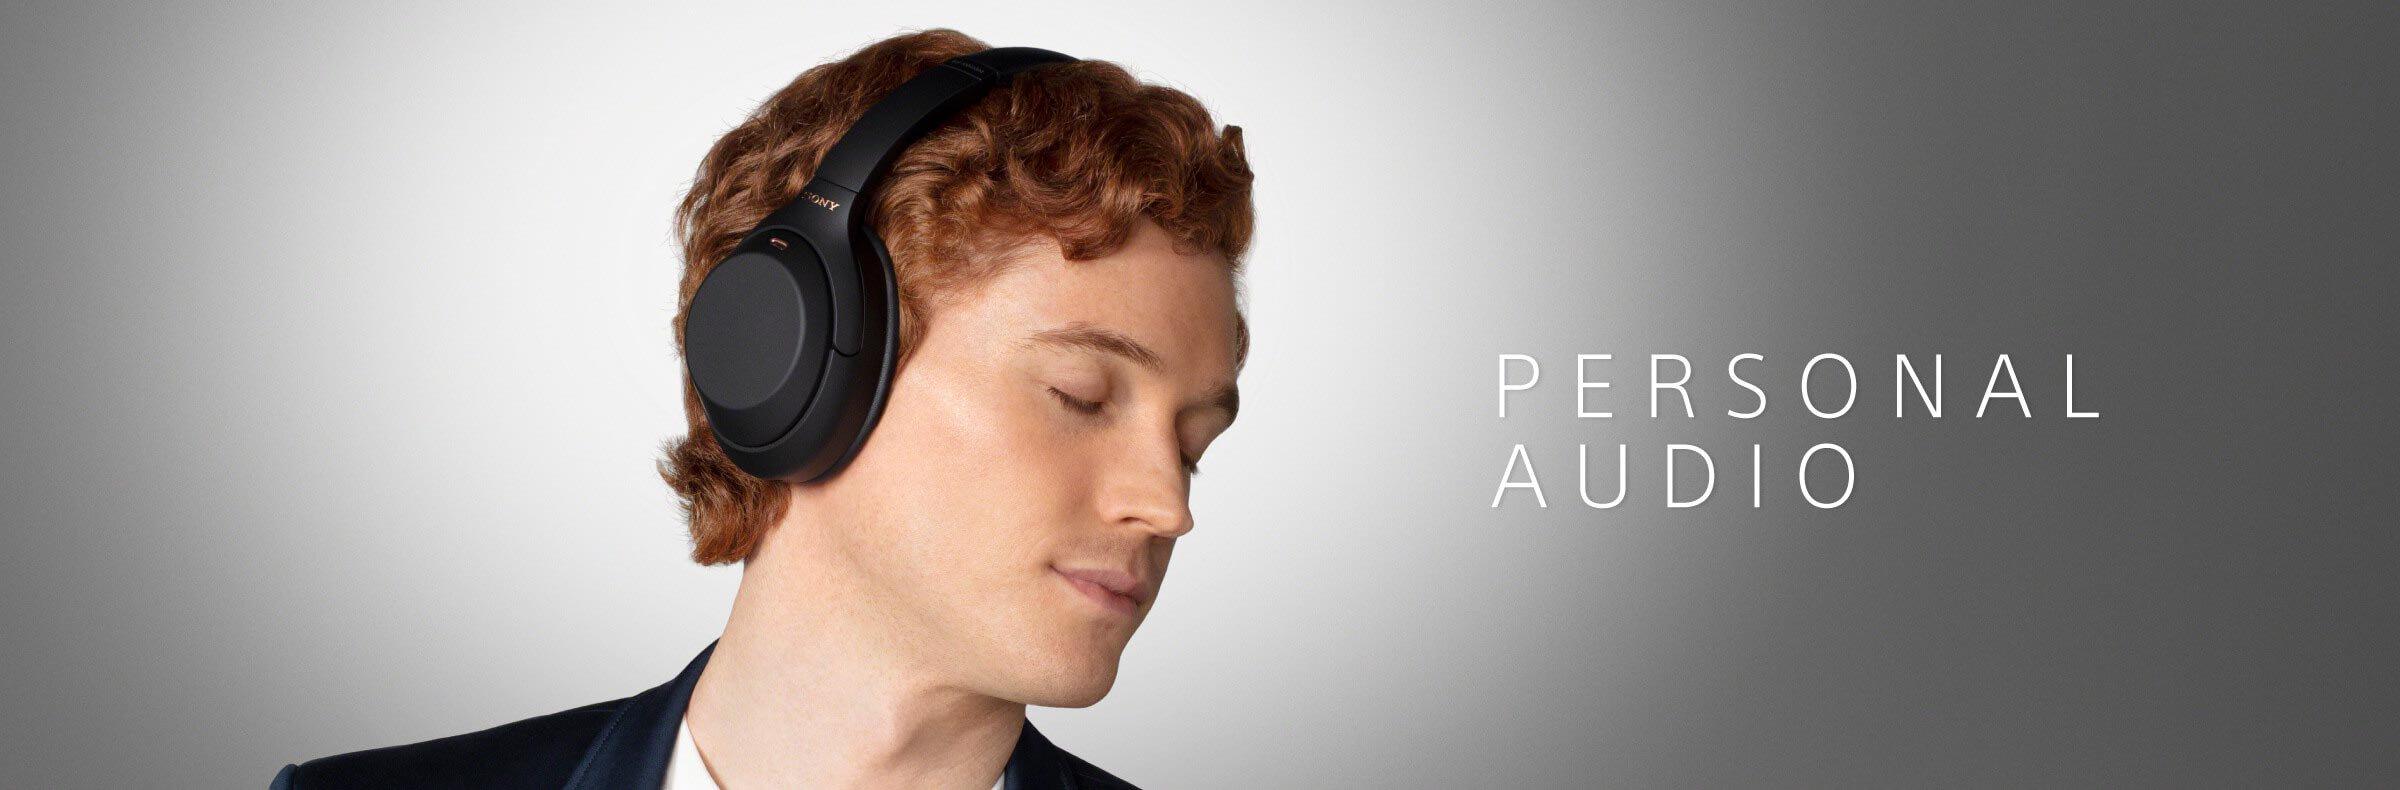 Sony - Personal Audio